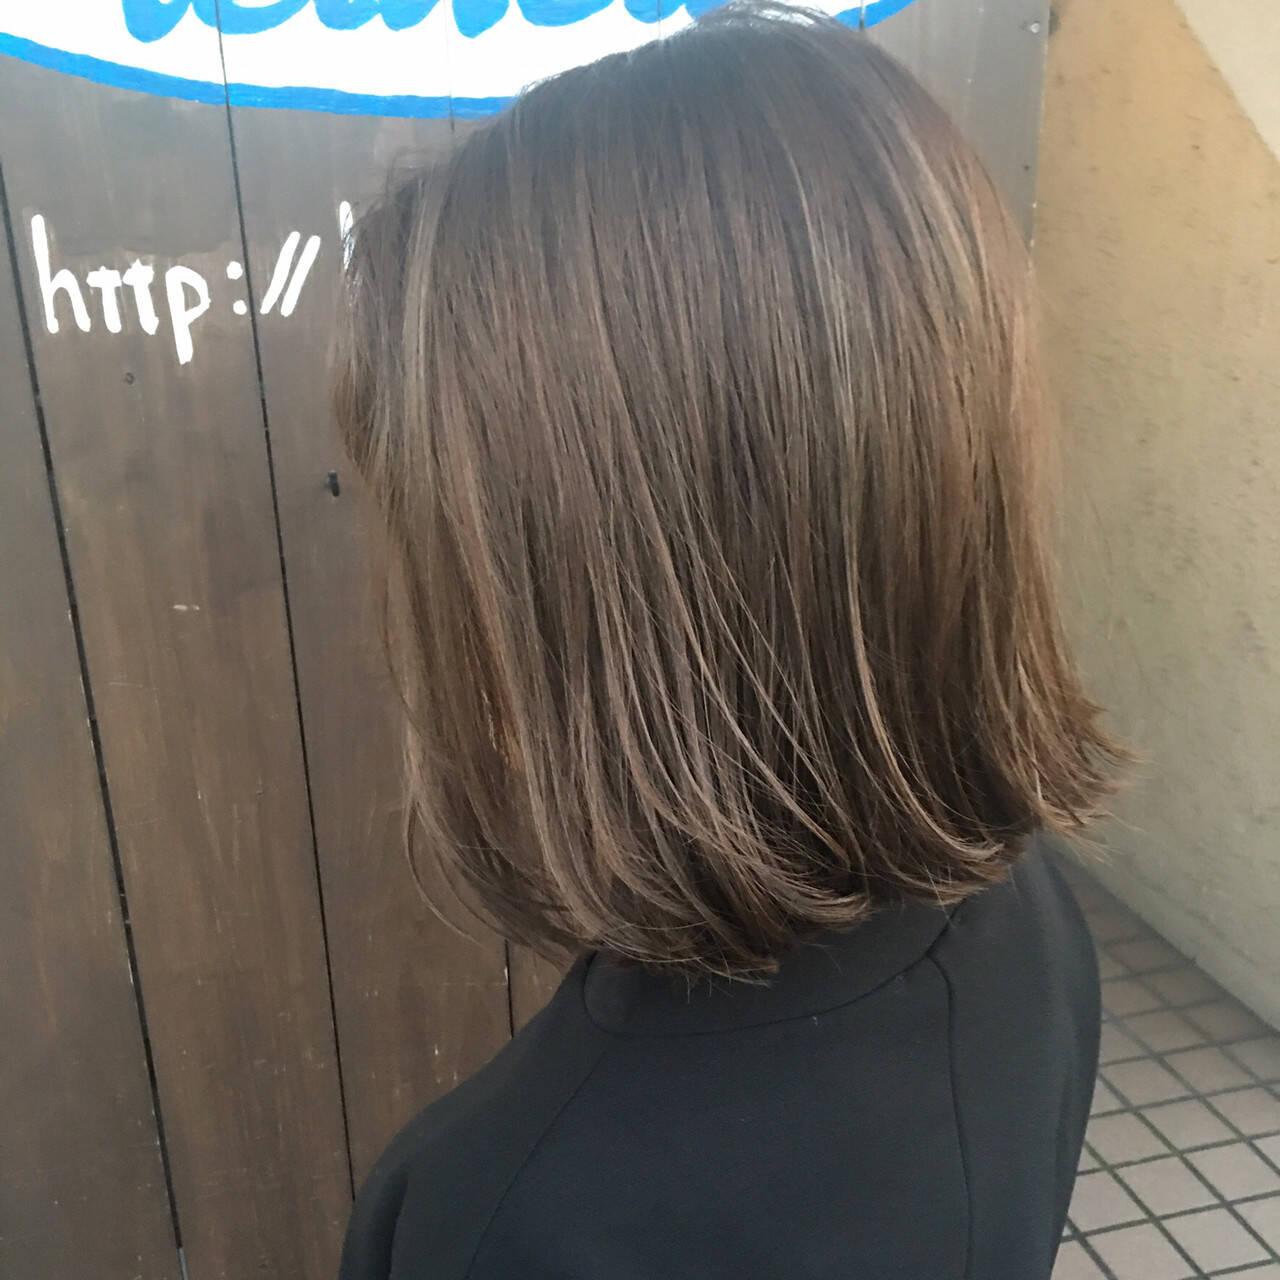 ボブ 地毛風カラー 切りっぱなしボブ フェミニンヘアスタイルや髪型の写真・画像